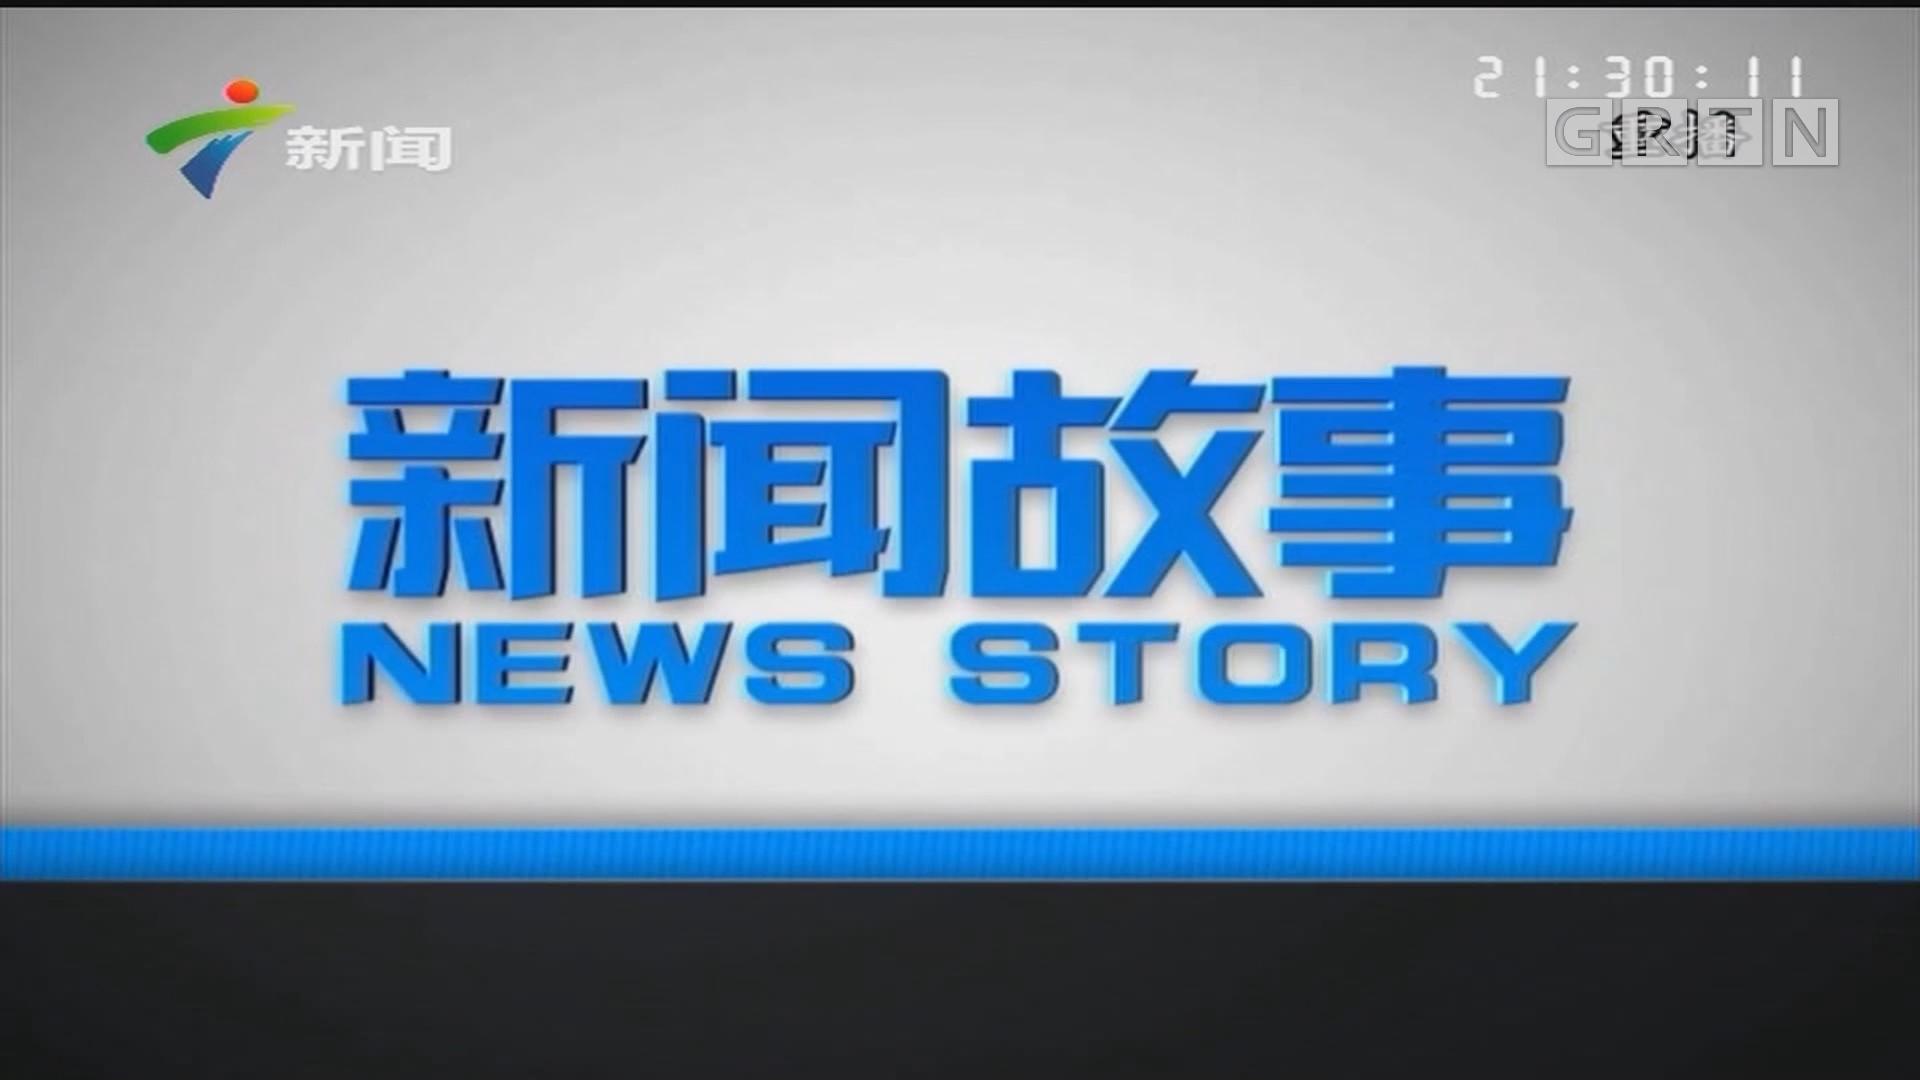 [HD][2019-11-12]新闻故事:二十五年的追问(上)